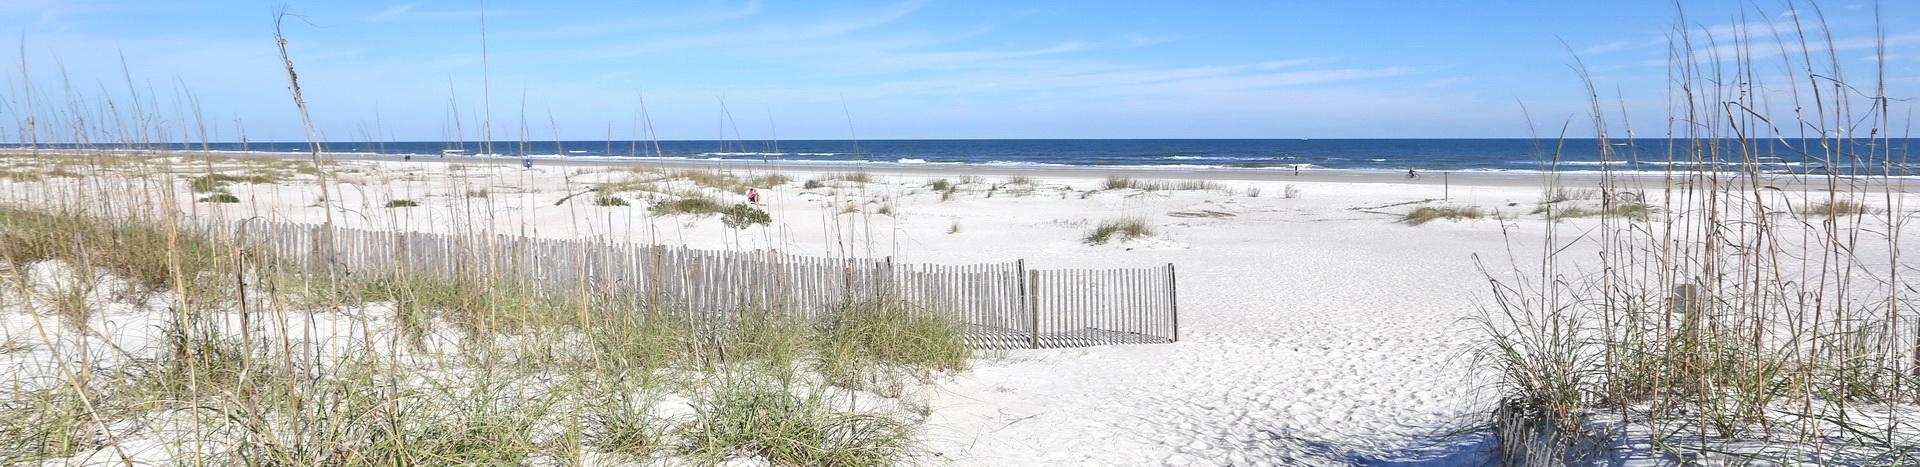 F Street Beach panoramic